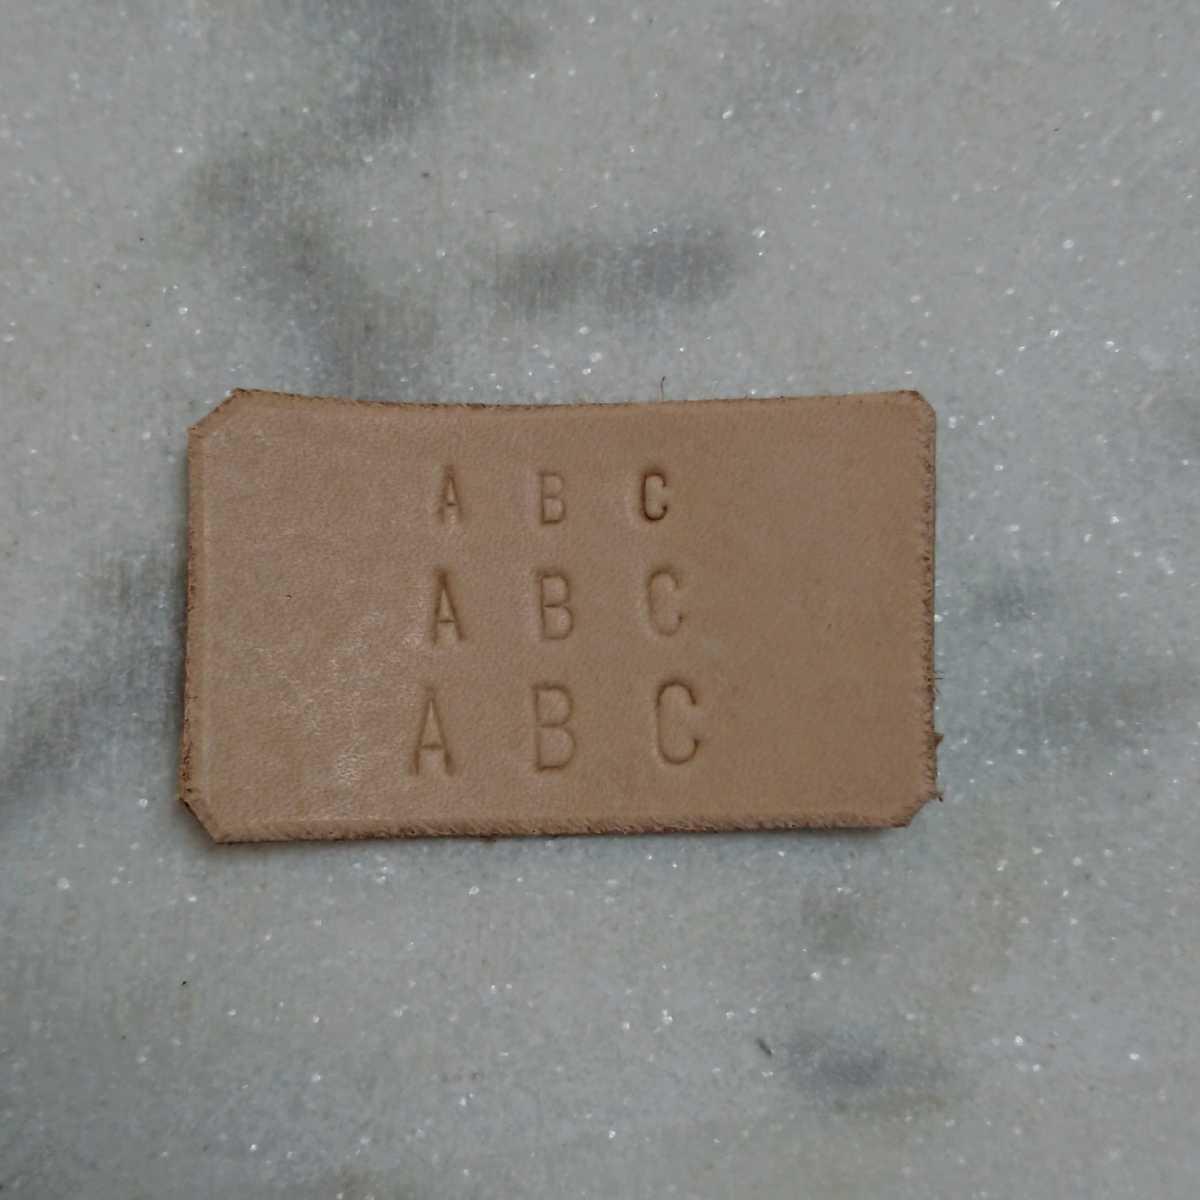 レザークラフト・アクセサリー用 刻印 アルファベット 3㎜